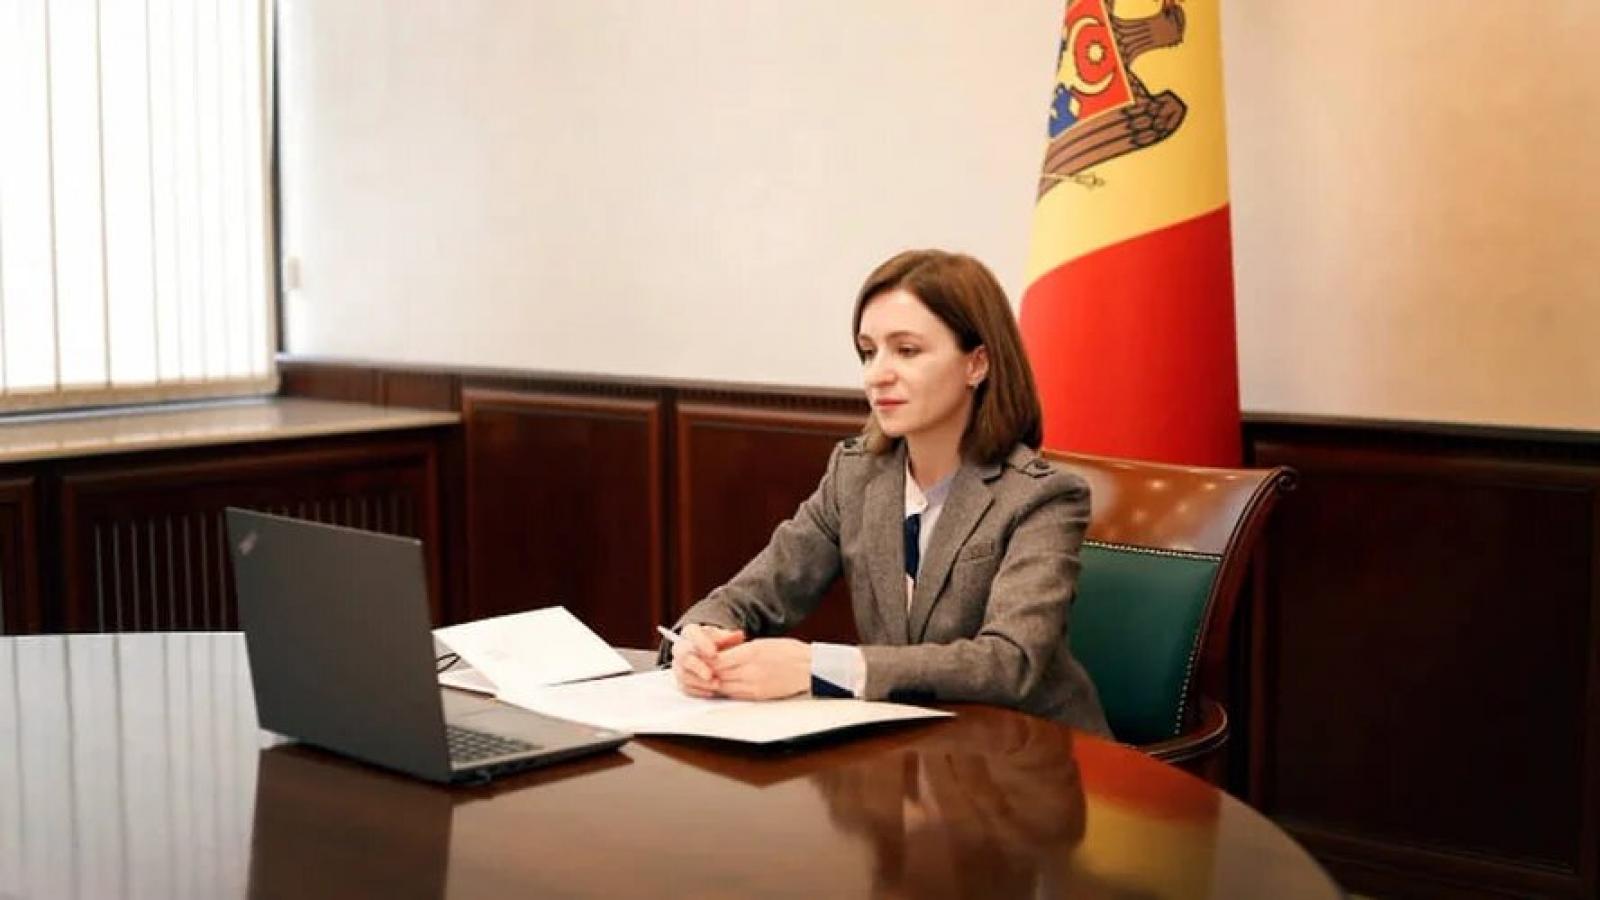 Tổng thống Moldova ký sắc lệnh giải tán quốc hội sớm